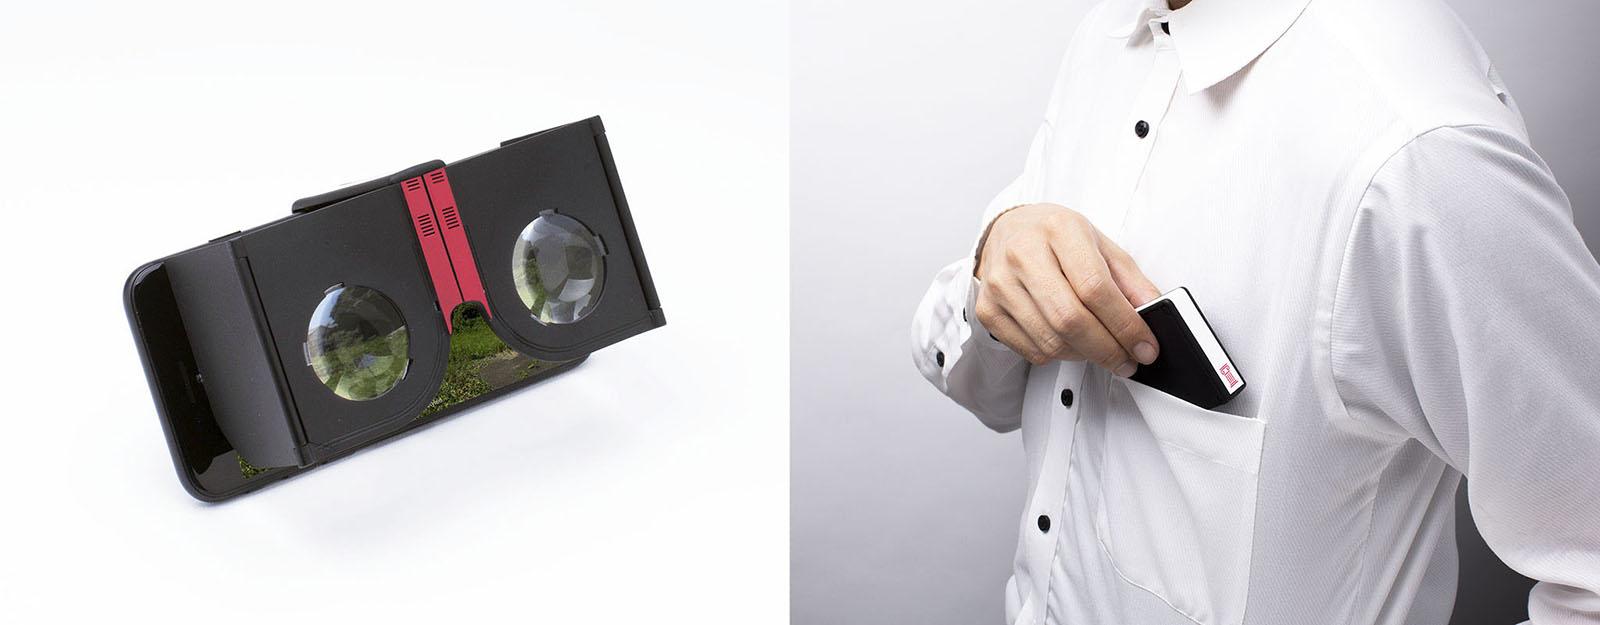 折りたたみ式VRグラス「カセット」は胸ポケットに入るコンパクトさ